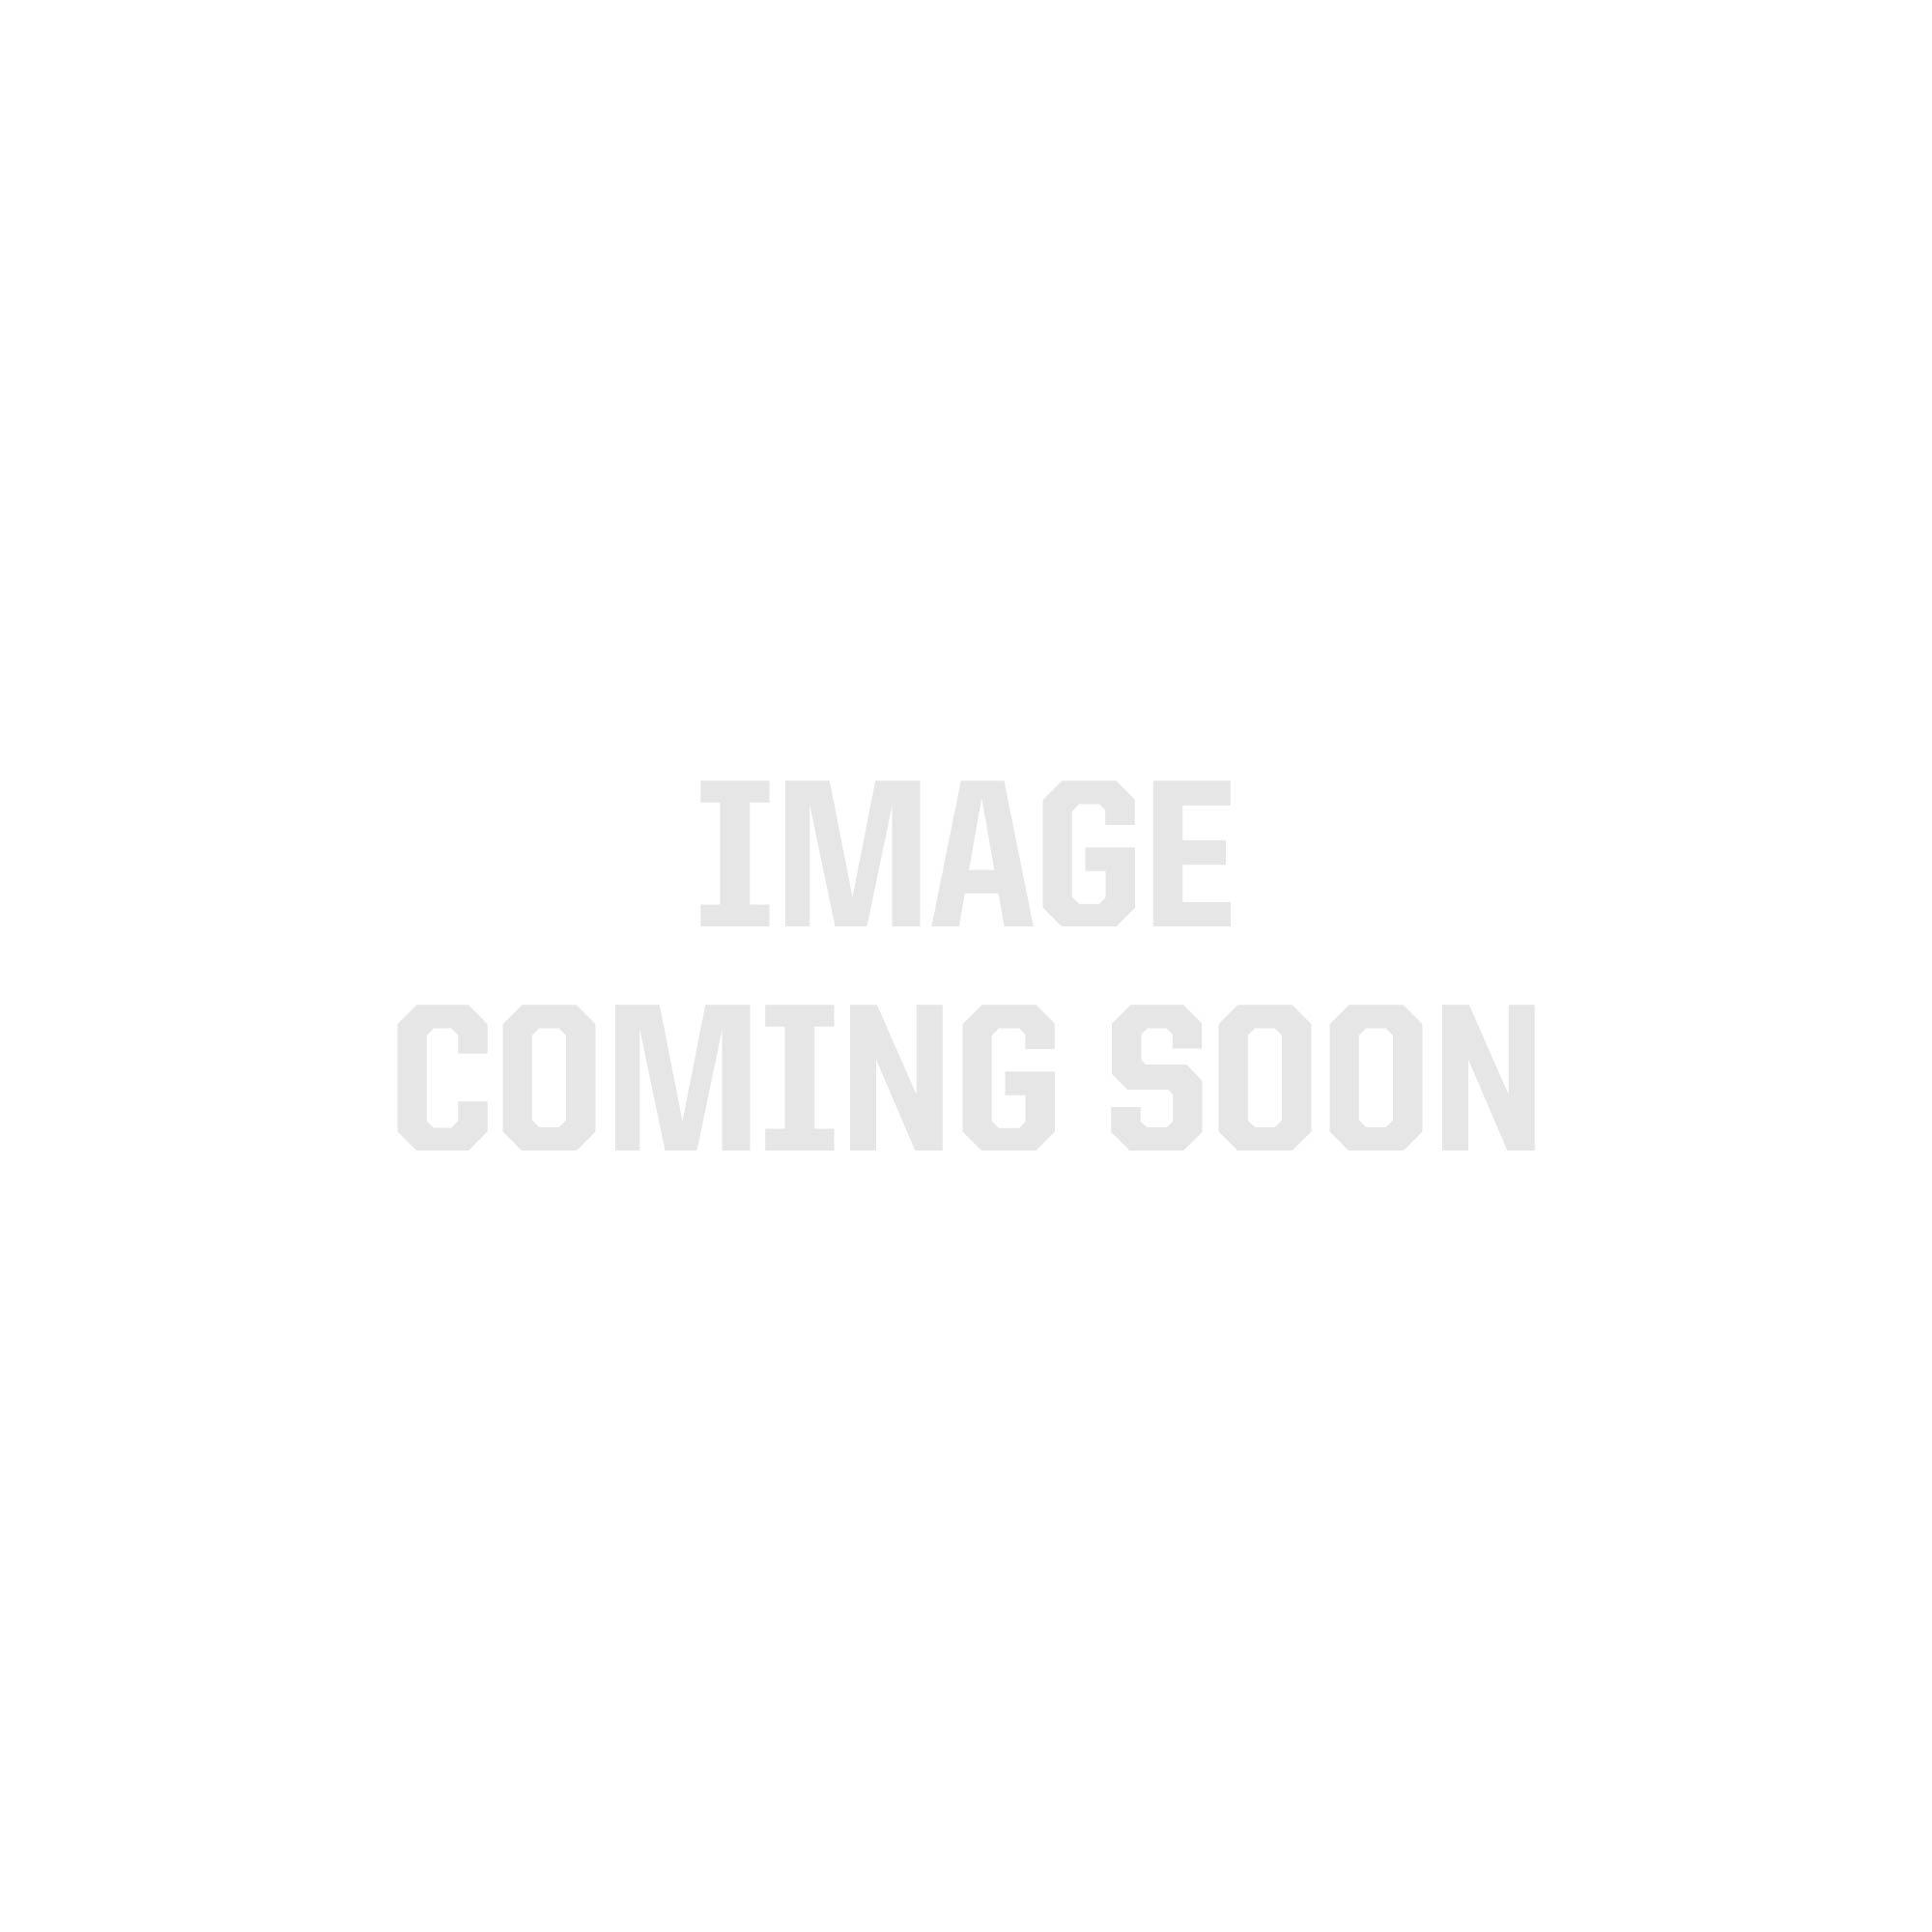 Marine Recon Gnome Patch